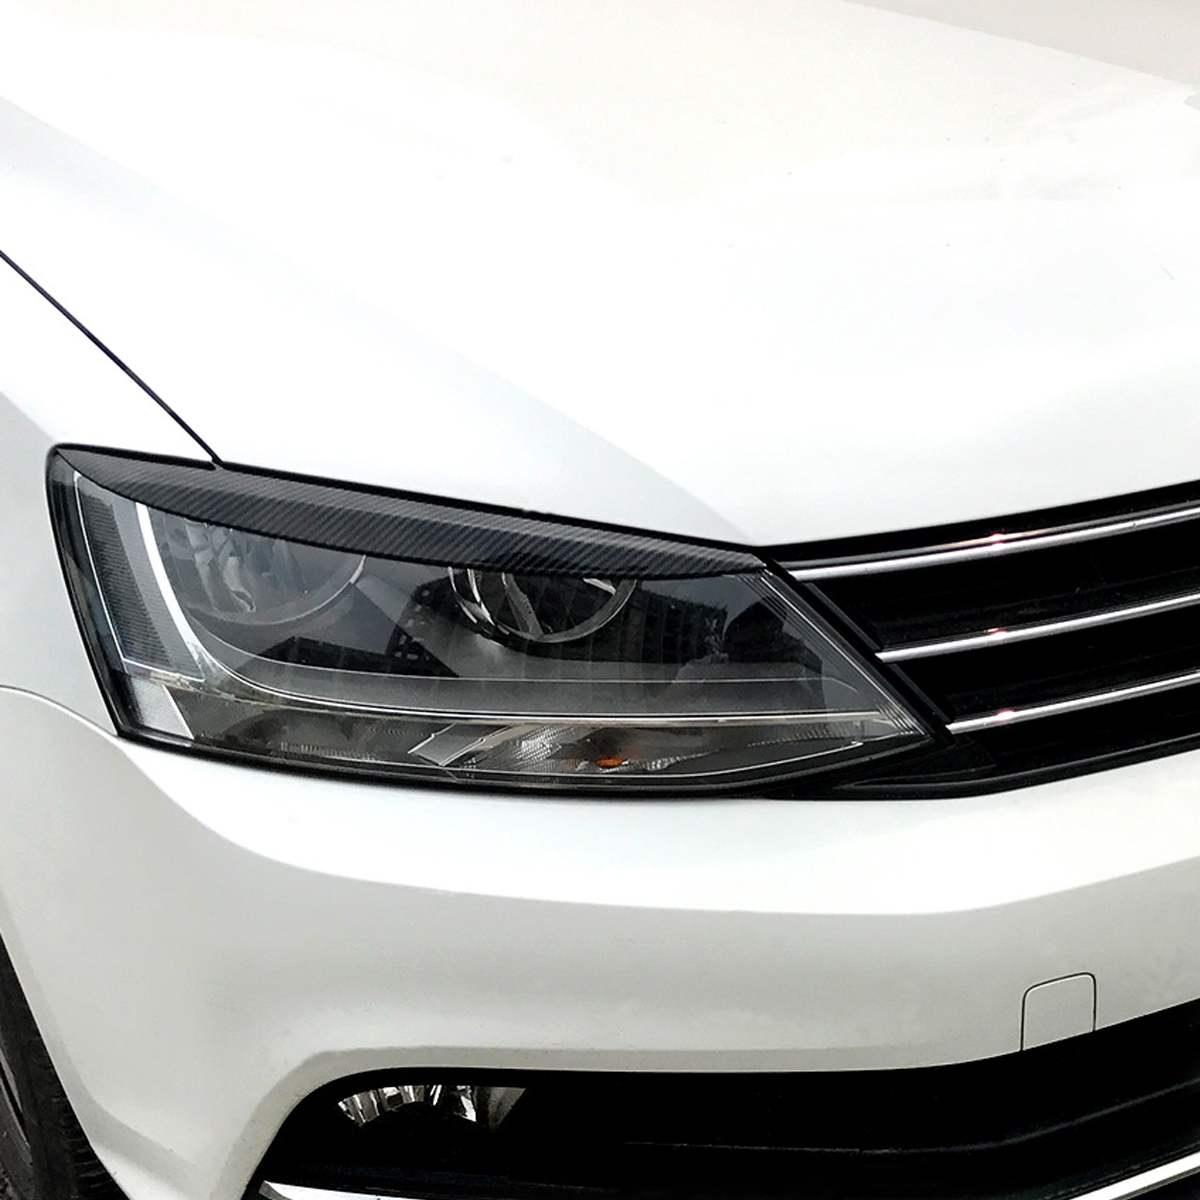 Voiture phares paupières sourcil ABS garniture autocollants couverture pour Volkswagen pour VW pour Jetta MK6 Sagitar NCS 2010-2018 voiture style